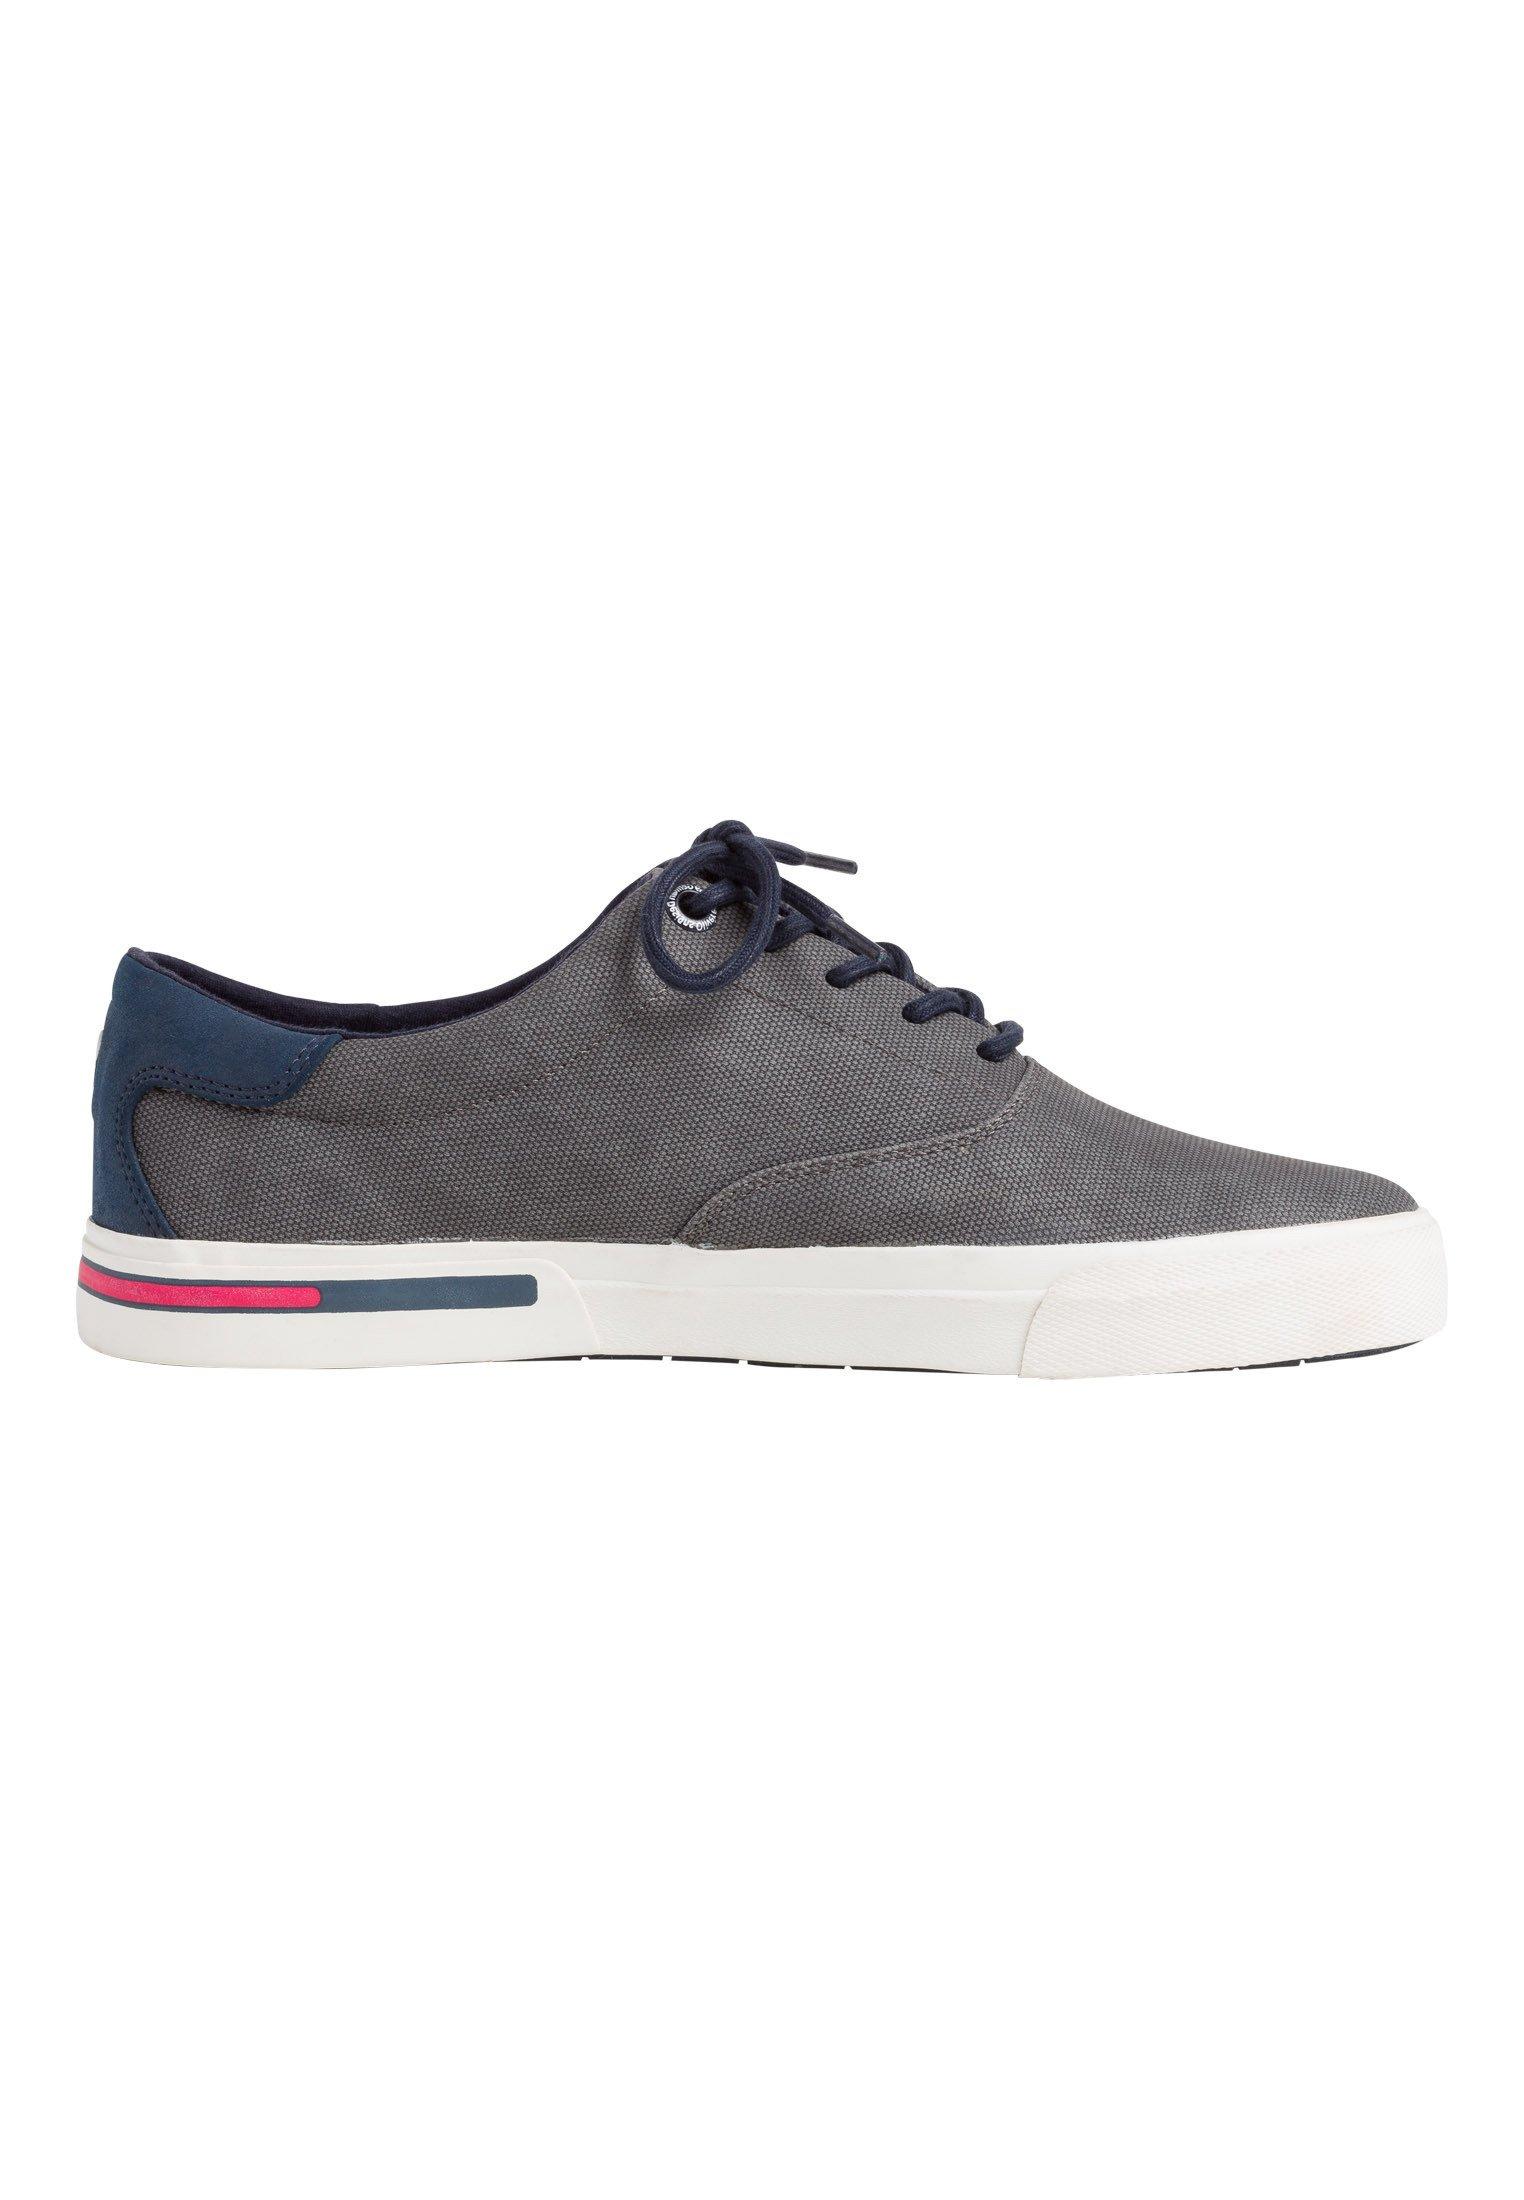 s.Oliver Baskets basses - dark grey